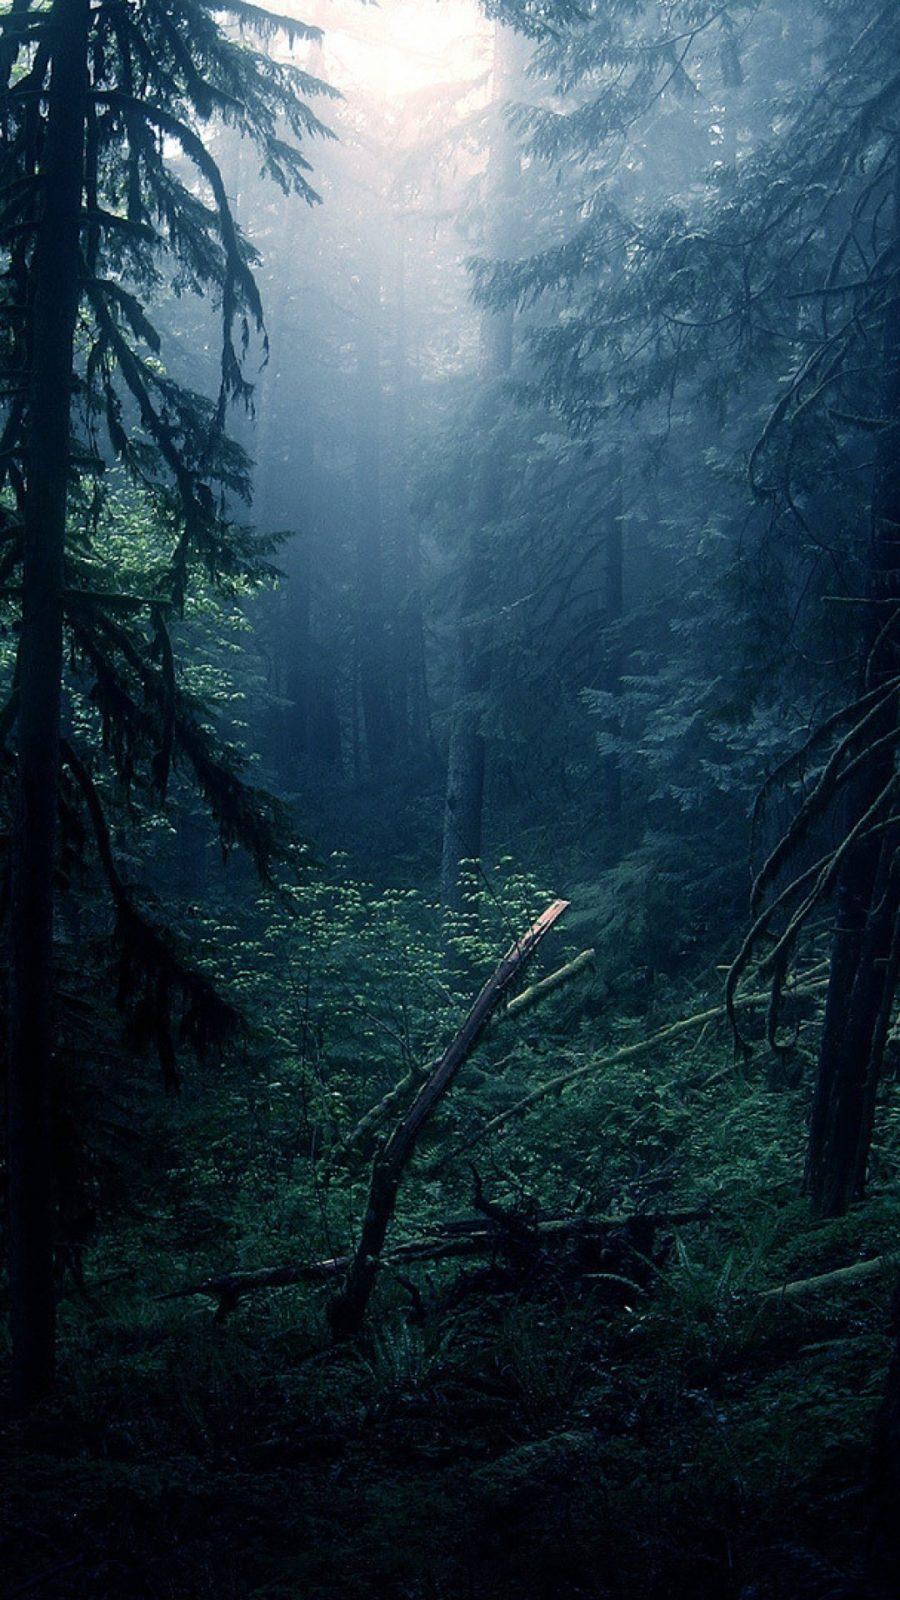 обои на телефон лес 77